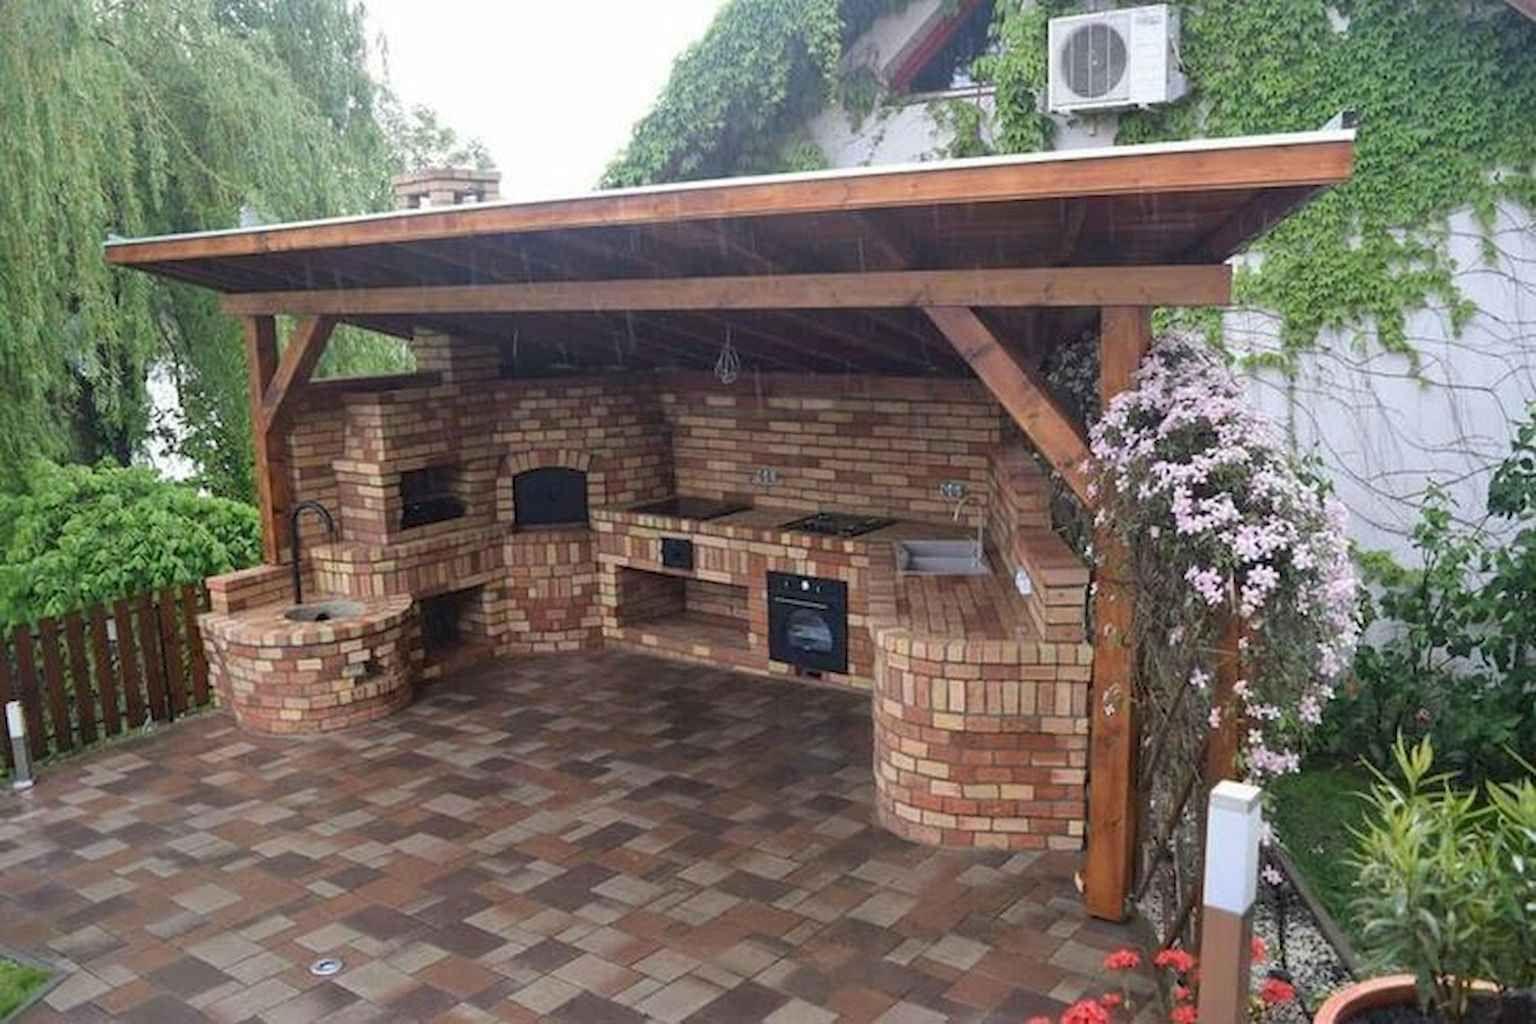 85 Incredible Outdoor Kitchen Design Ideas For Summer Homekover Backyard Patio Designs Backyard Kitchen Outdoor Kitchen Design